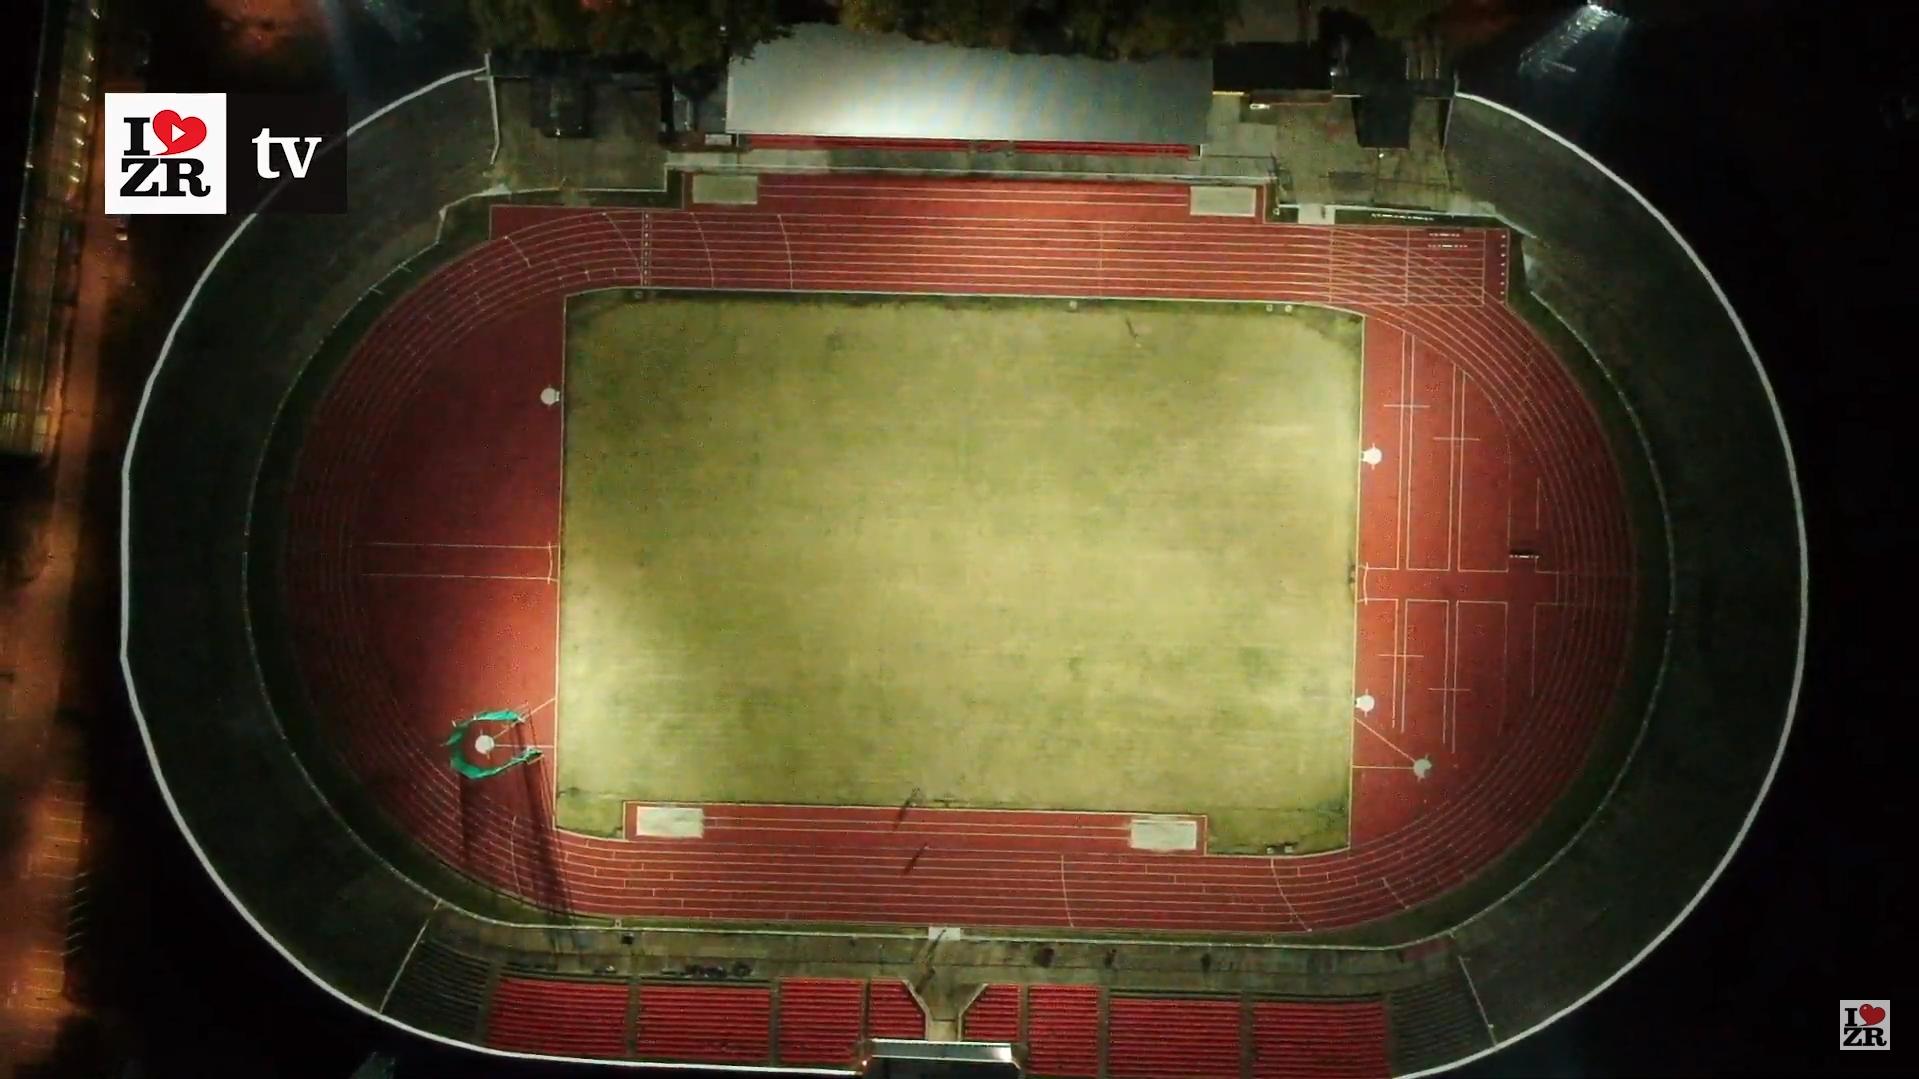 Atletski stadion u Zrenjaninu iz vazduha